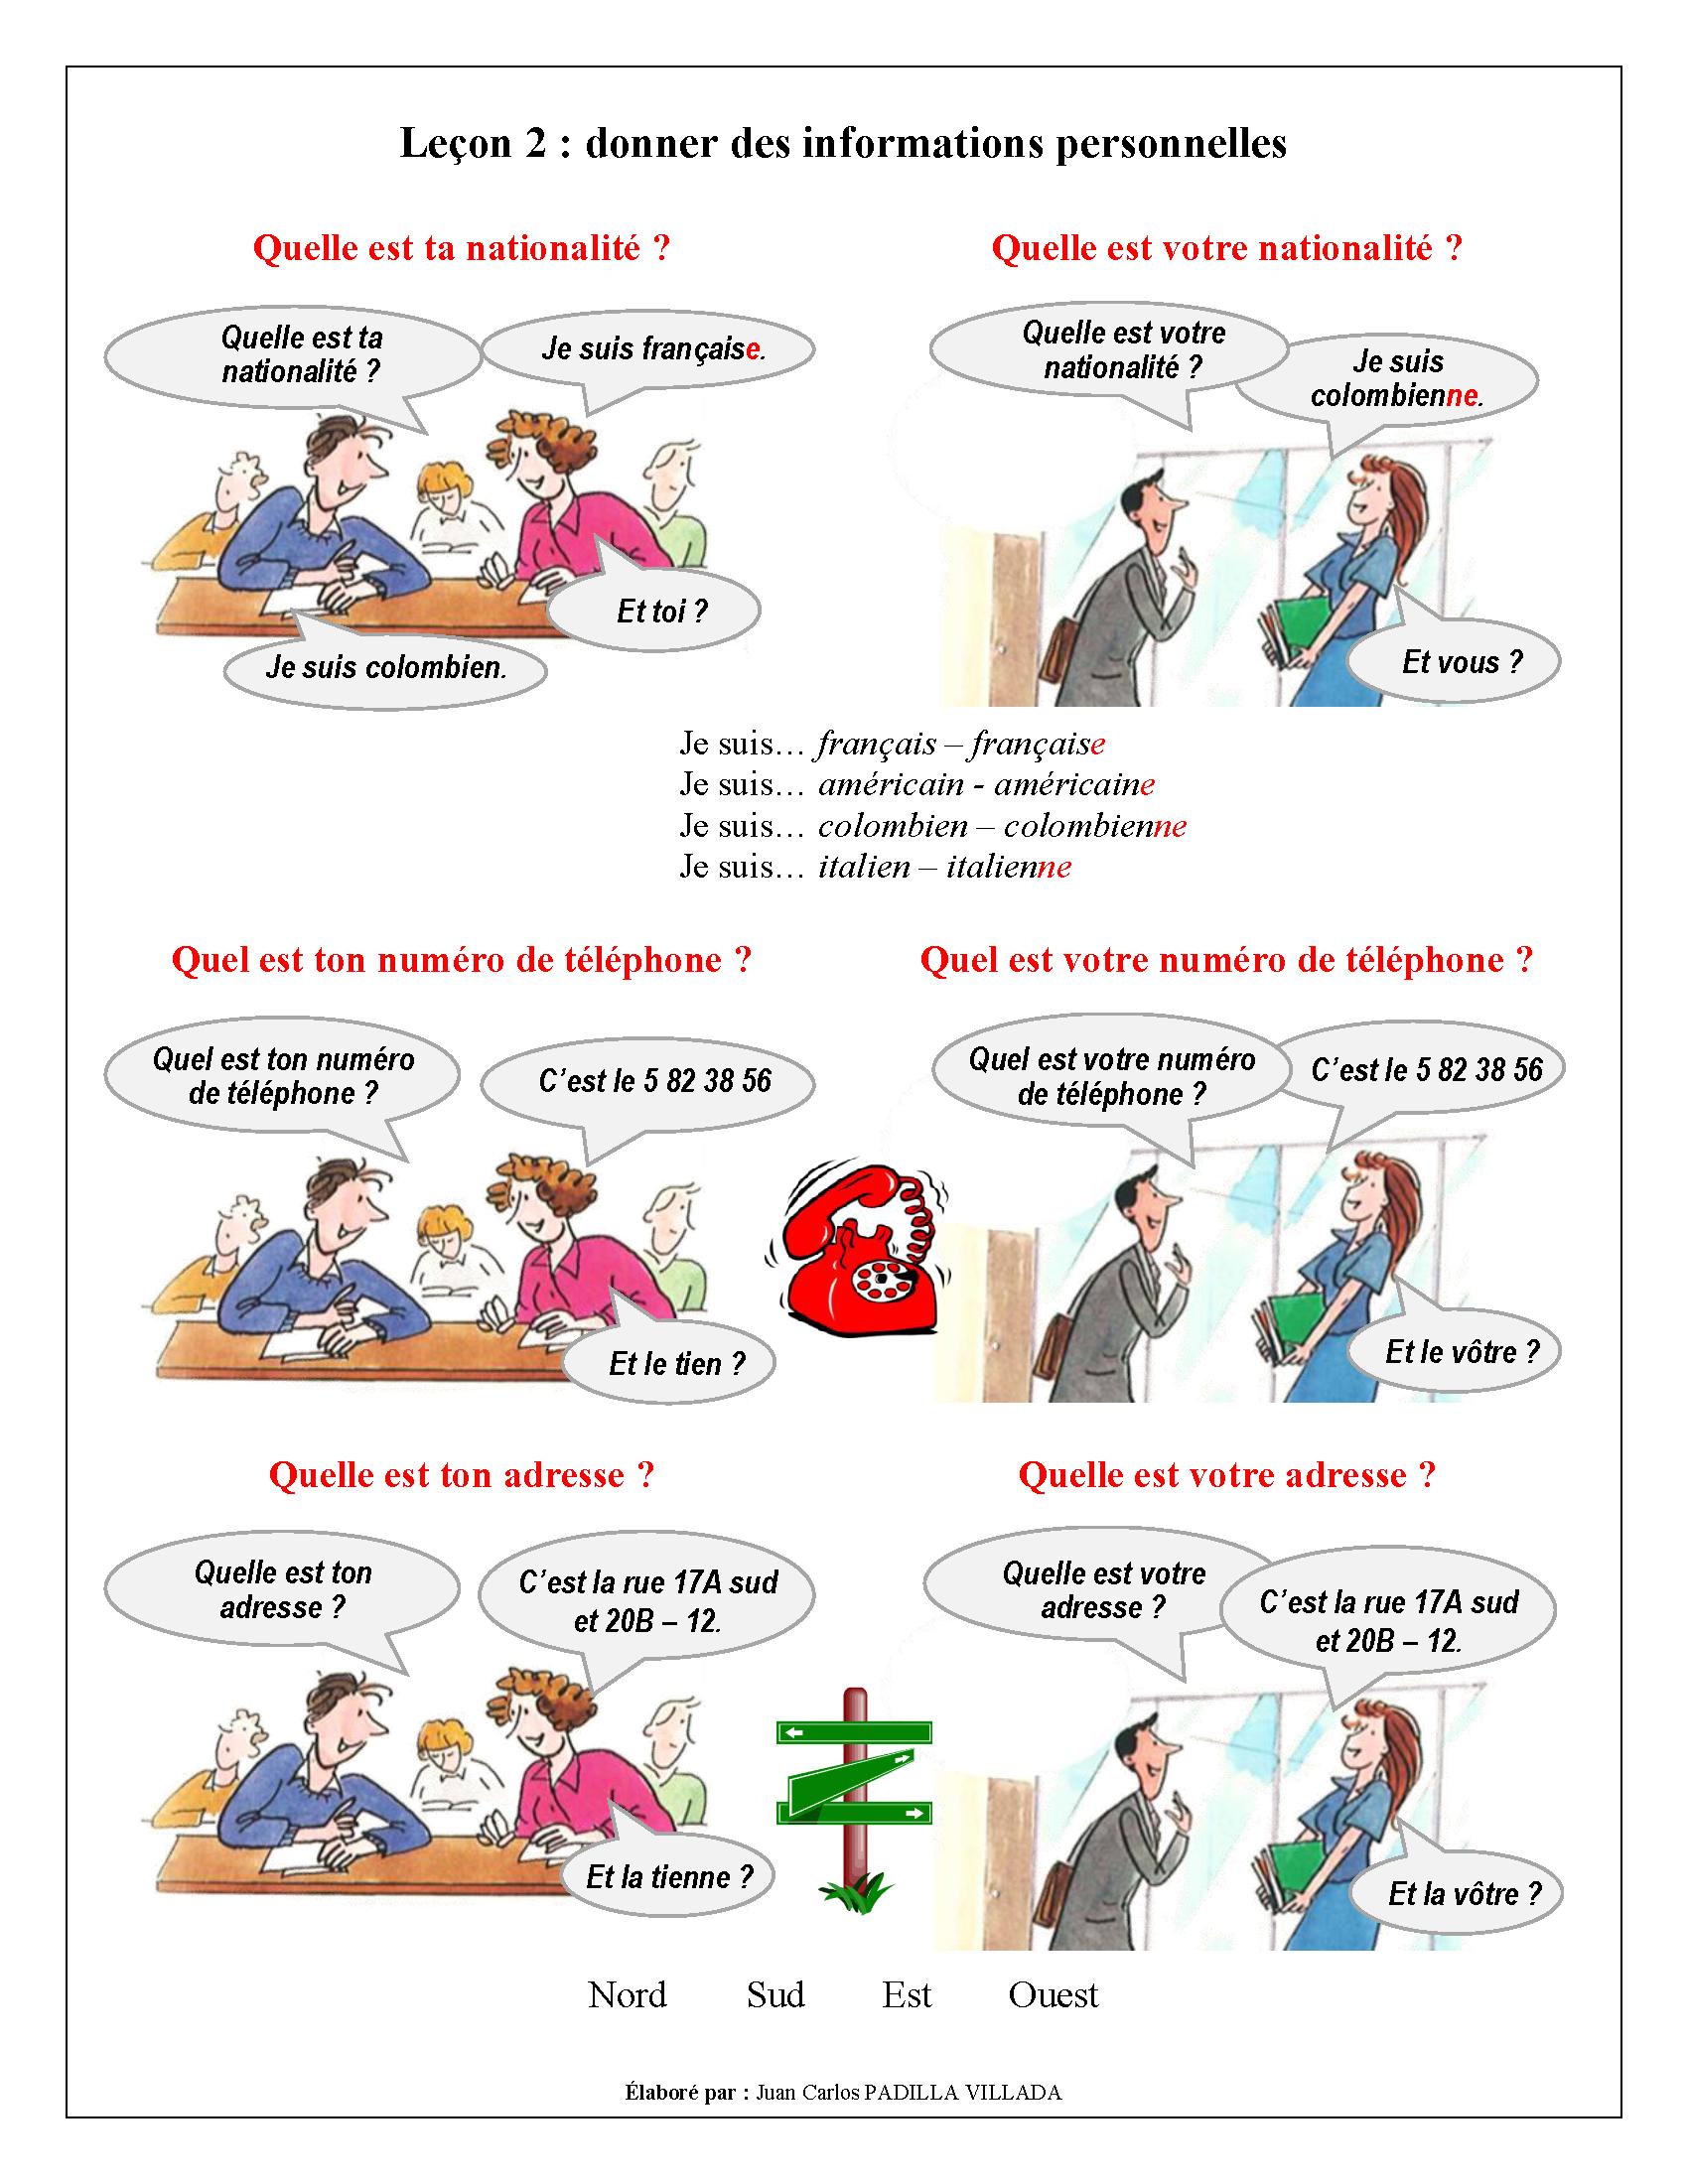 FLE - Leçon 2 - Donner des informations personnelles - Page 1 | Leçons de Français | Pinterest ...